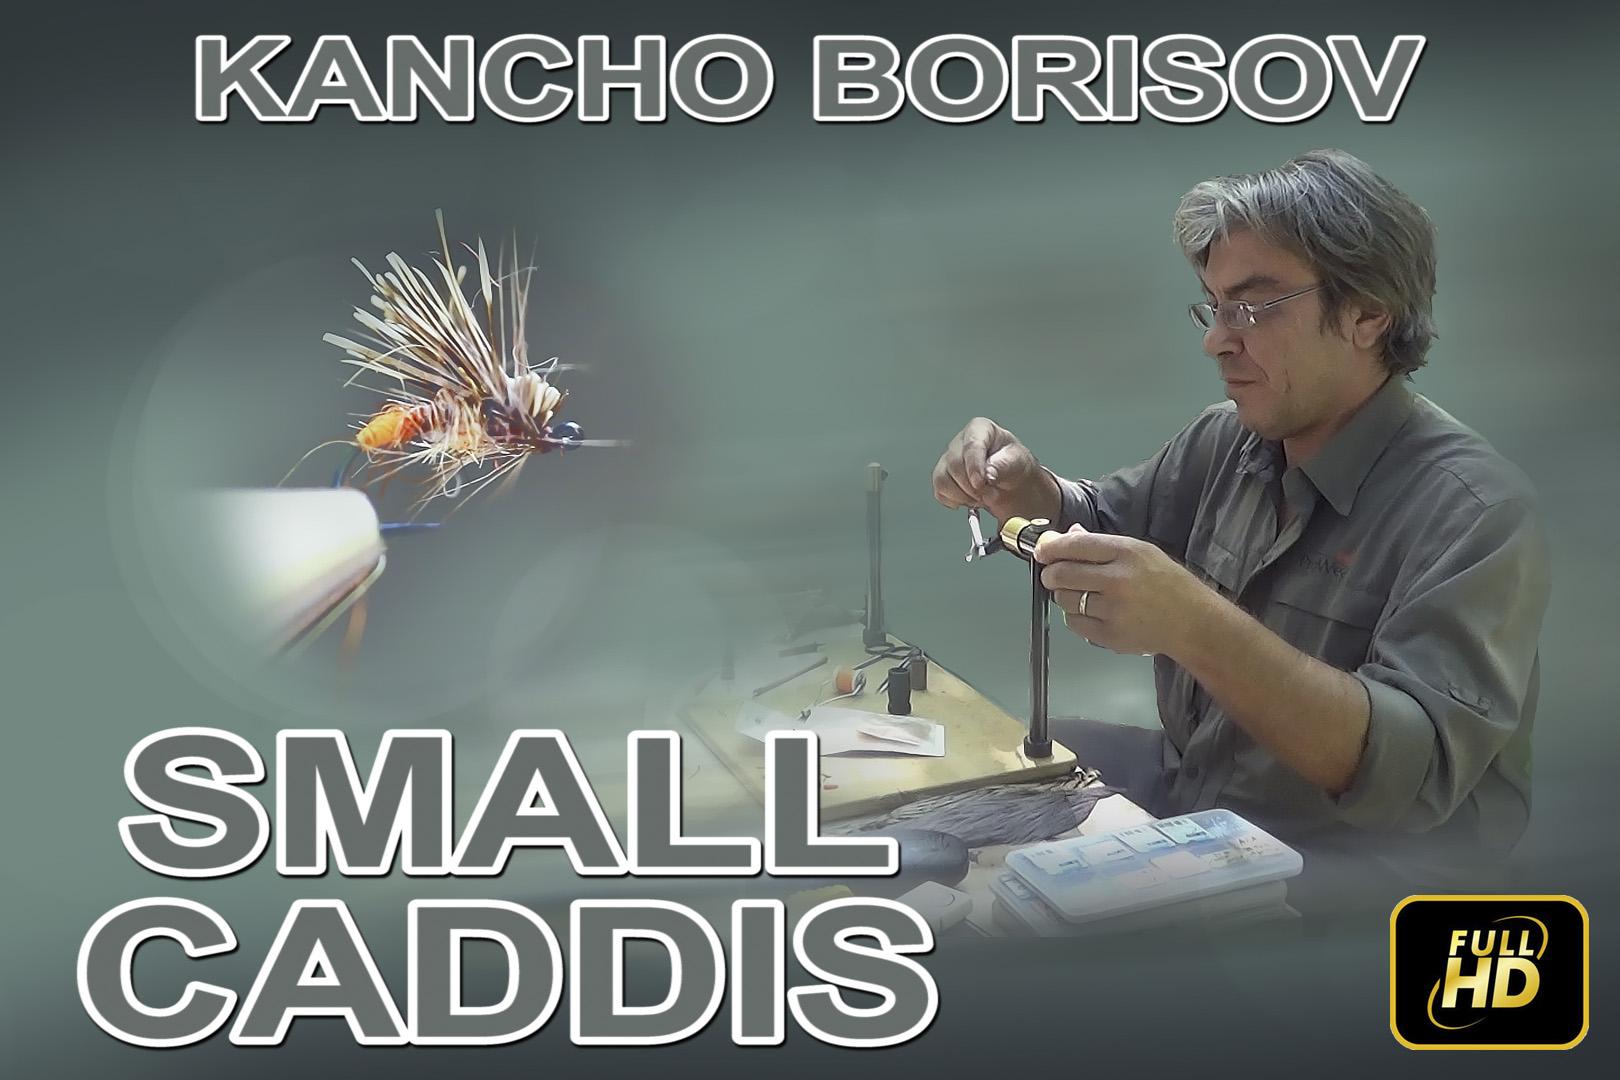 Кънчо Борисов - Small Caddis